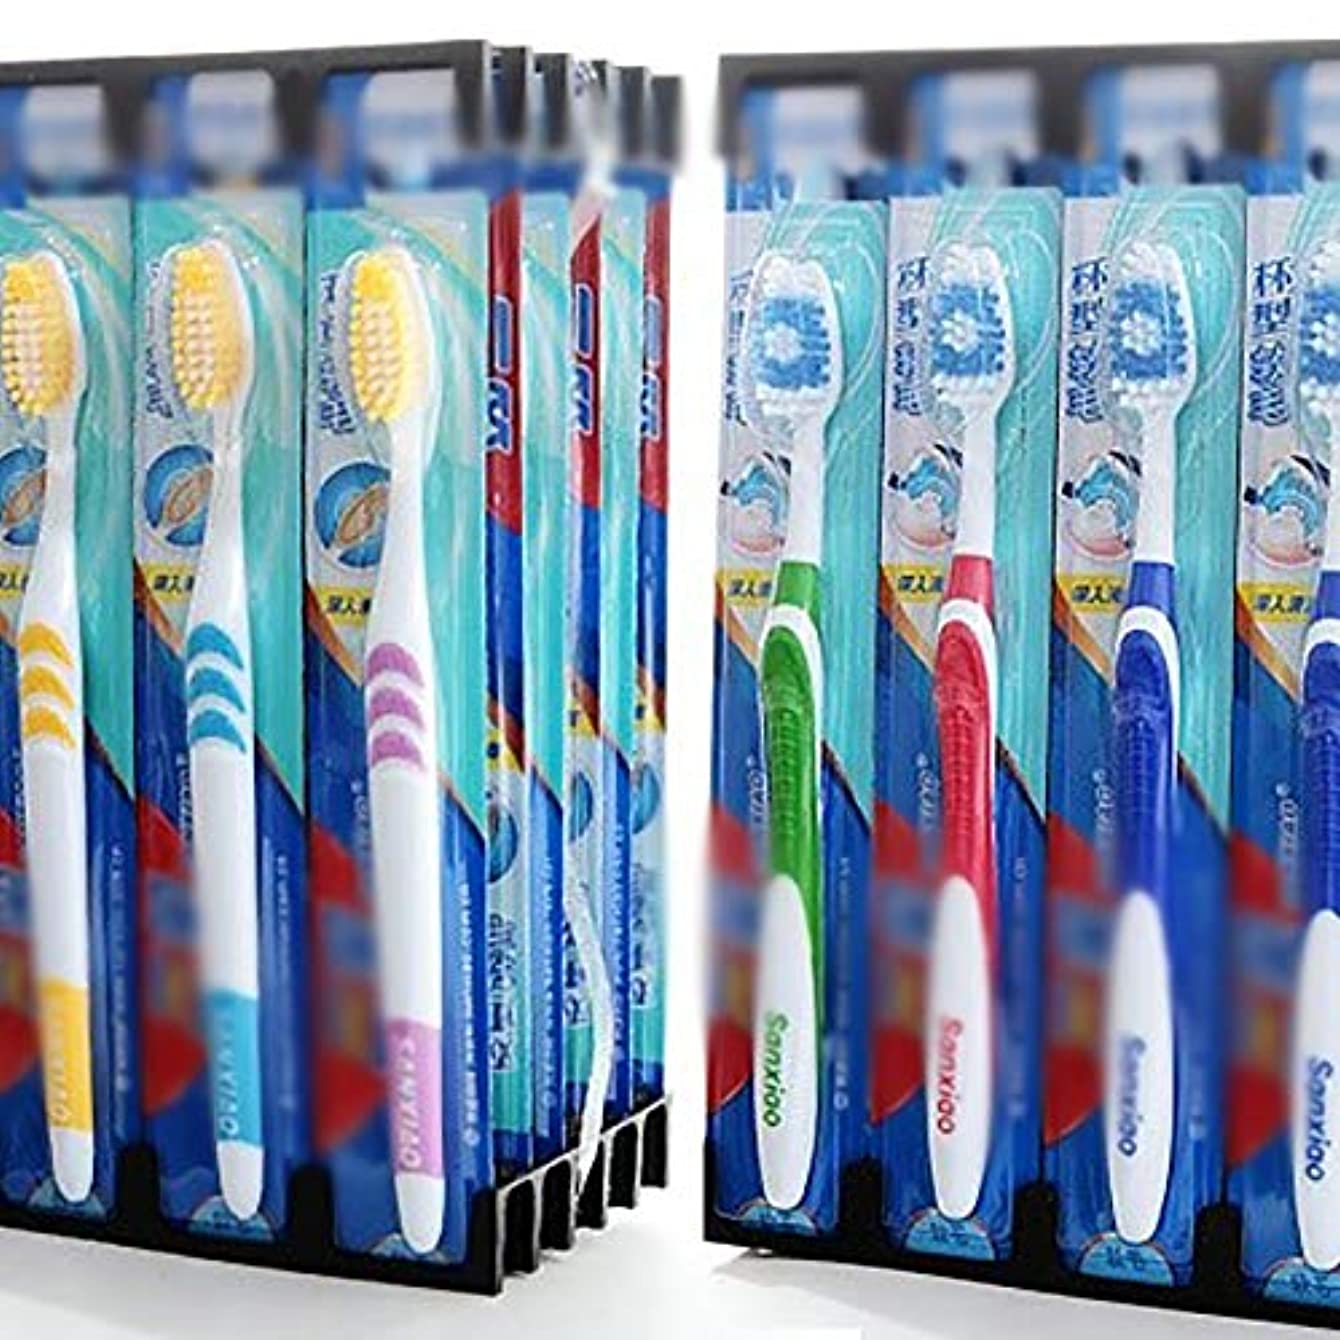 スライス浸漬惨めな歯ブラシ 30ミックス歯ブラシ、個々の歯ブラシ包まれた、ウルトラソフト歯ブラシ - 使用可能なスタイルの3種類 KHL (色 : C, サイズ : 30 packs)